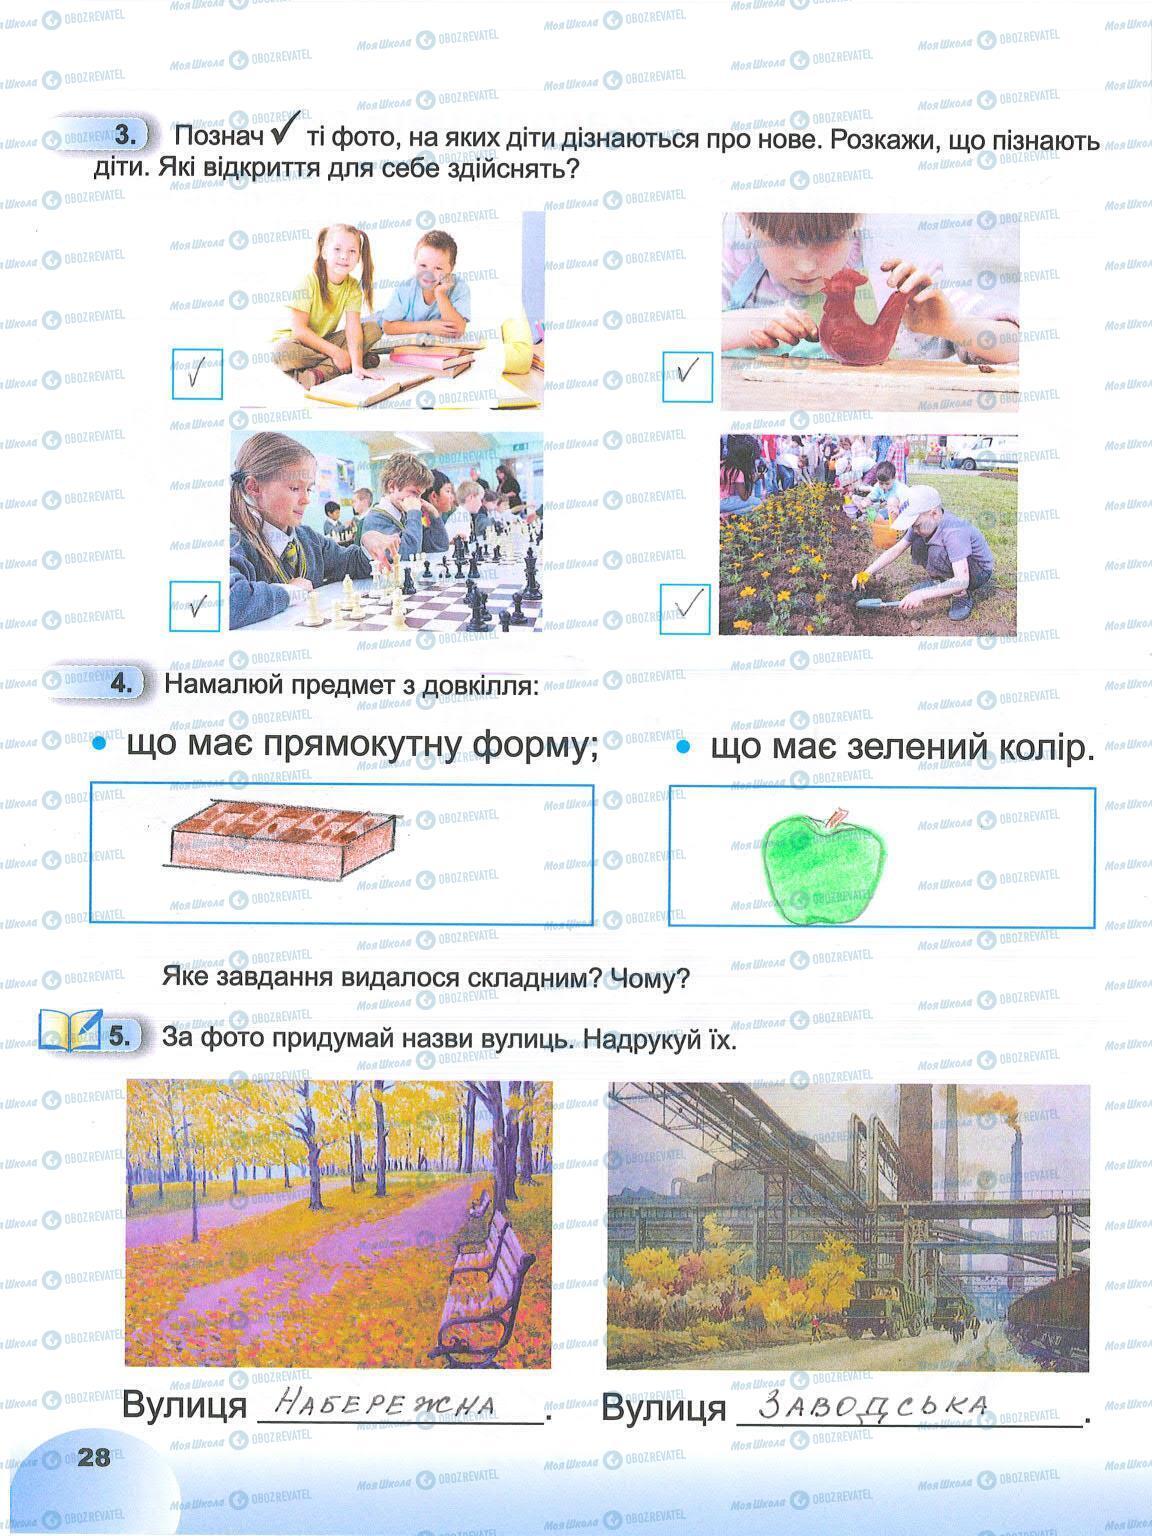 ГДЗ Я досліджую світ 1 клас сторінка 28